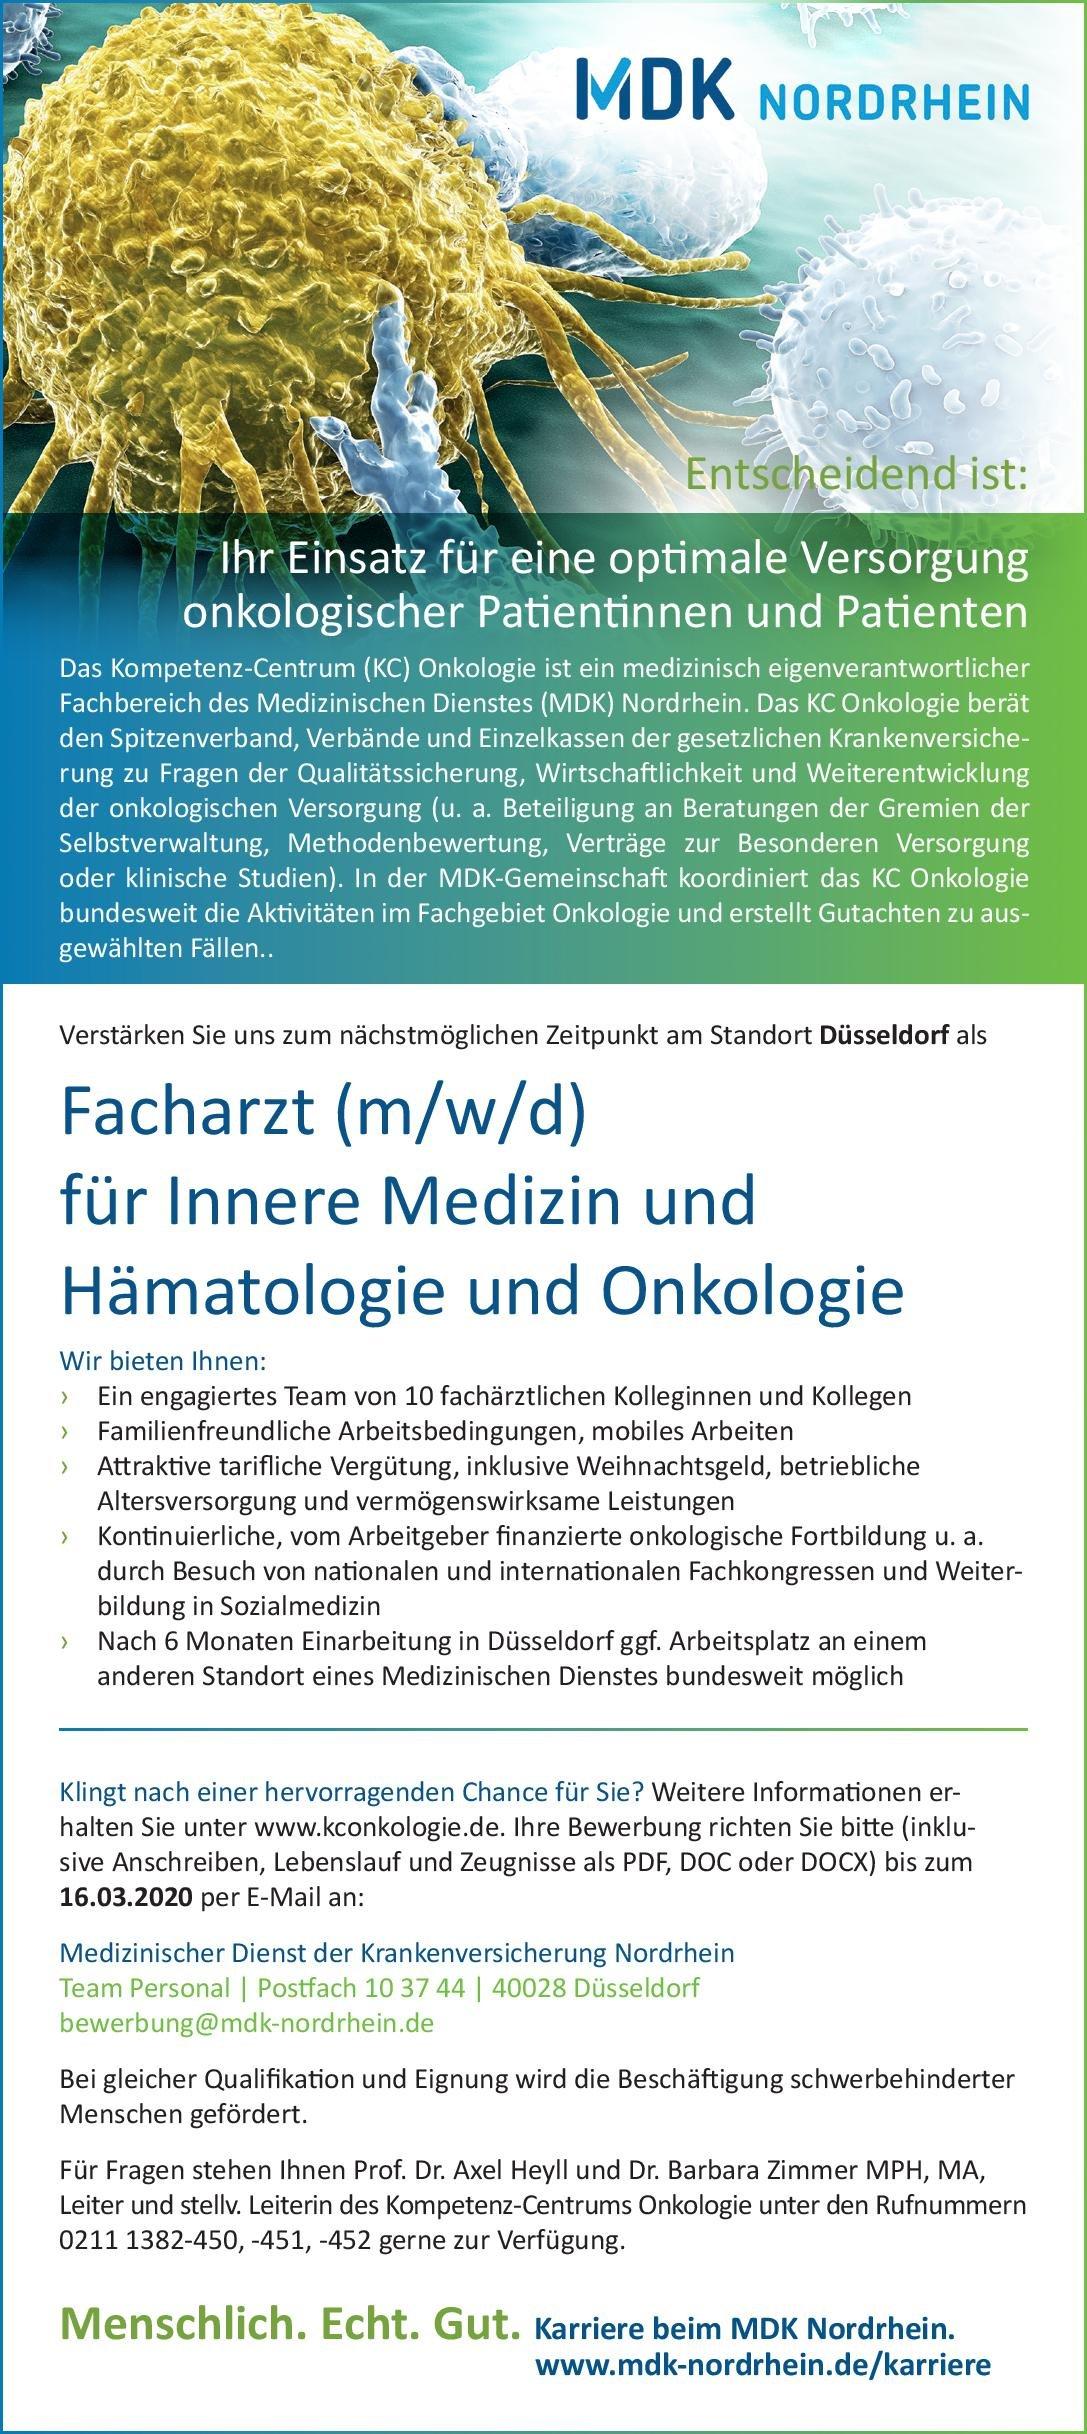 MDK Nordrhein Facharzt (m/w/d) für Innere Medizin und Hämatologie und Onkologie  Innere Medizin und Hämatologie und Onkologie, Innere Medizin Arzt / Facharzt